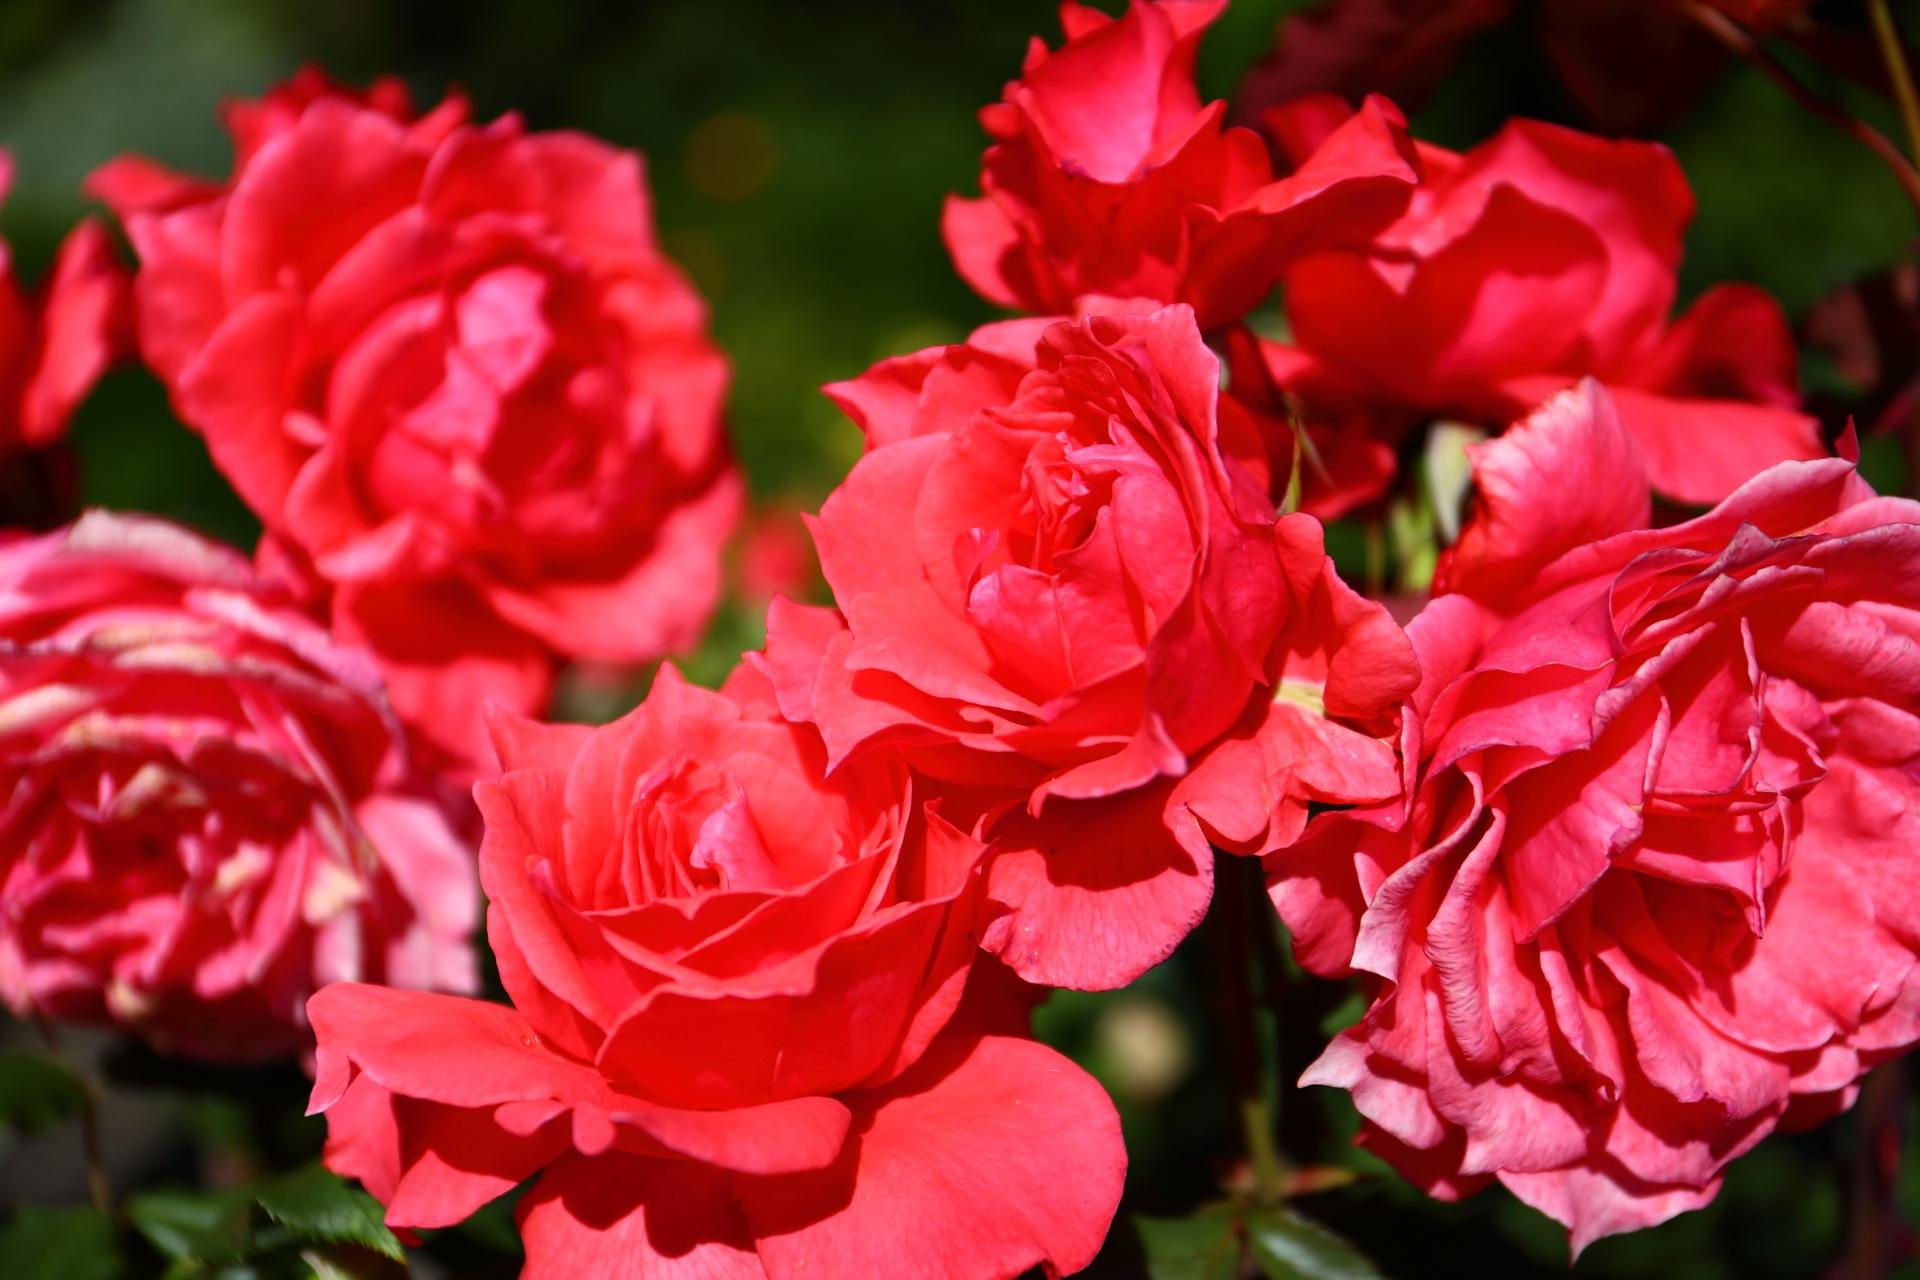 Red Rose by takashi.mizoguchi